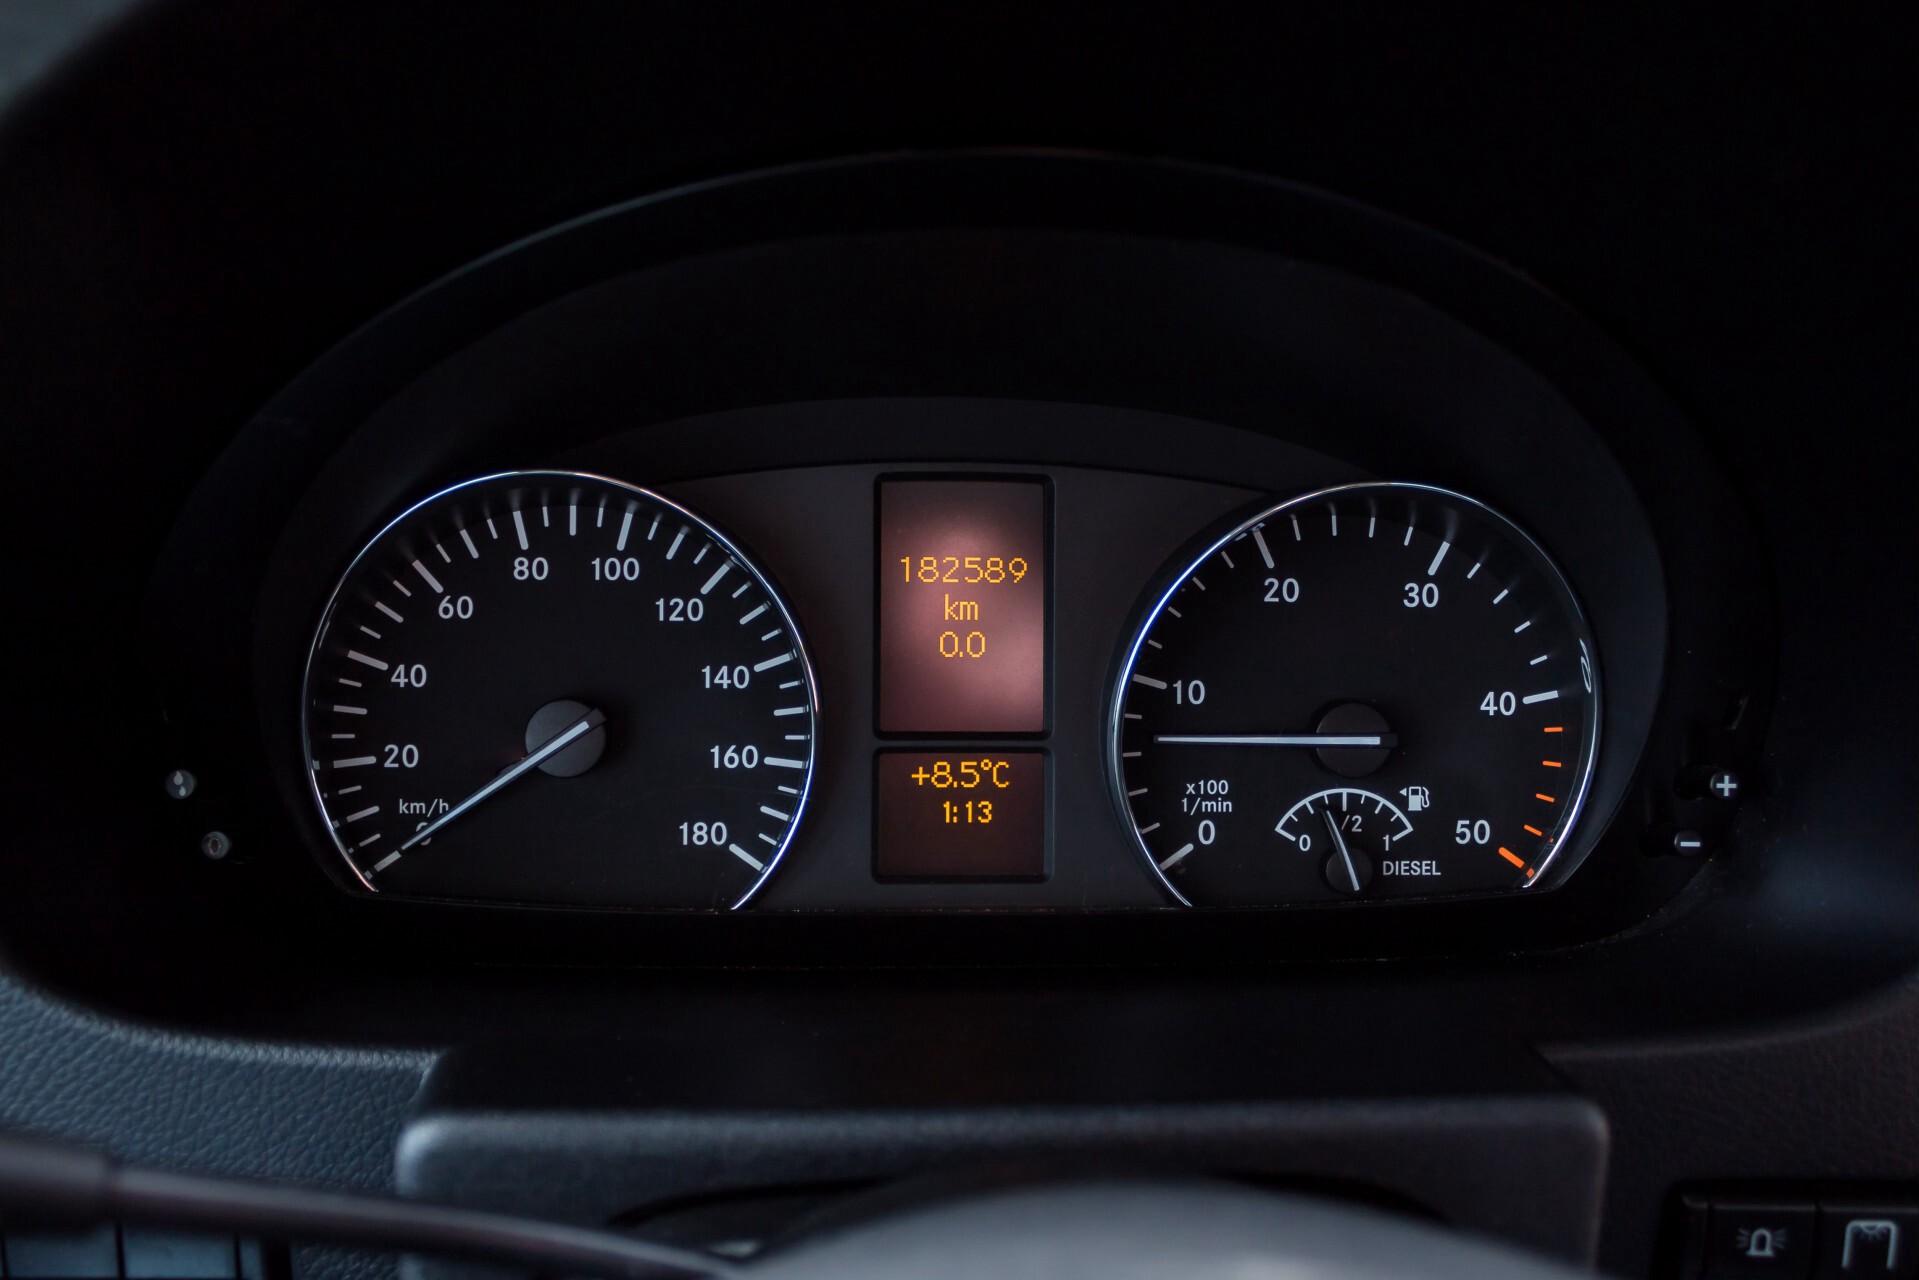 Mercedes-Benz Sprinter 518 3.0 Cdi V6 Oprijwagen / Auto ambulance 7360 kg Foto 14